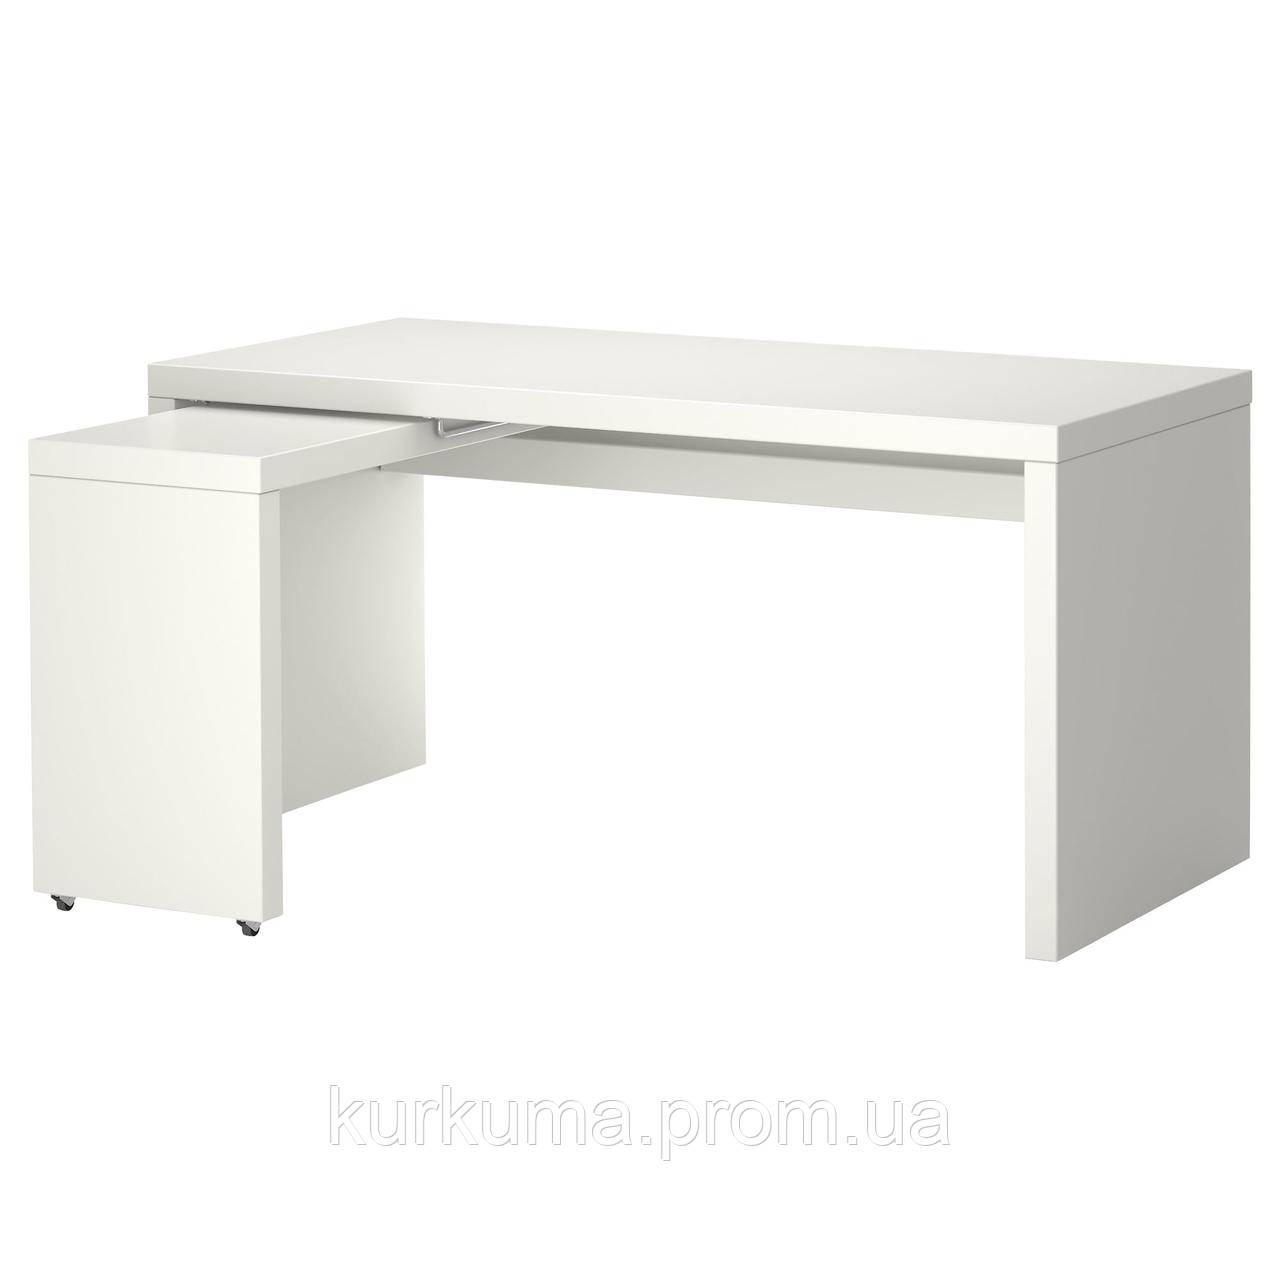 IKEA MALM Стол с выдвижной панелью, белый  (702.141.92)